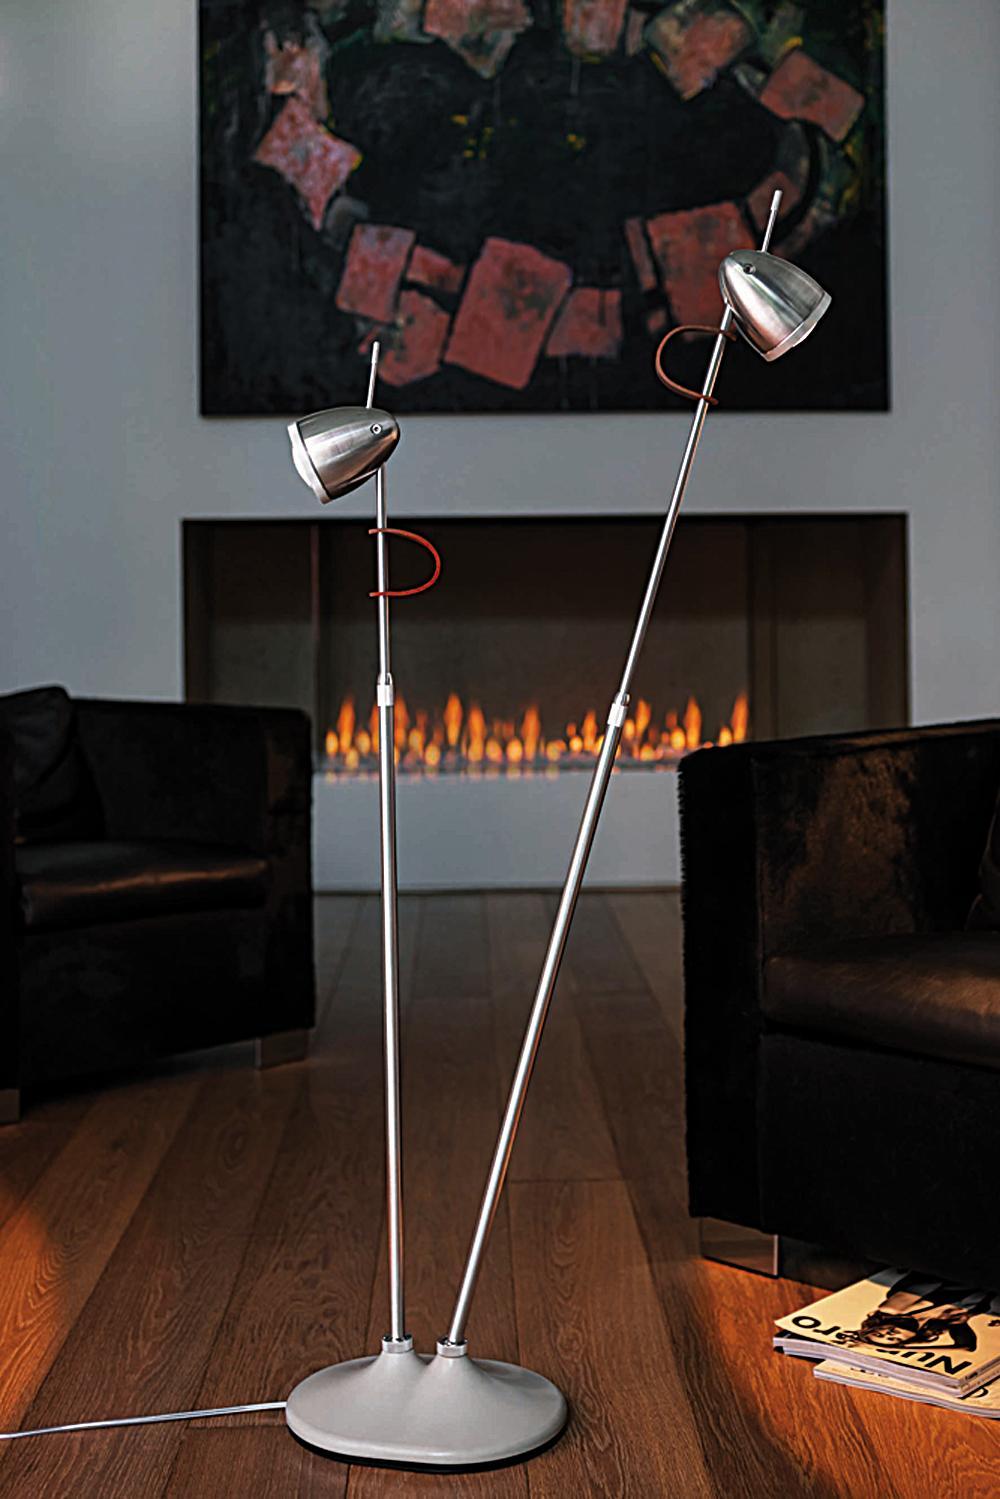 ylux zweikpfige standleuchte wohnzimmer beleuchtung lessnmore nicole - Beleuchtung Wohnzimmer Lux